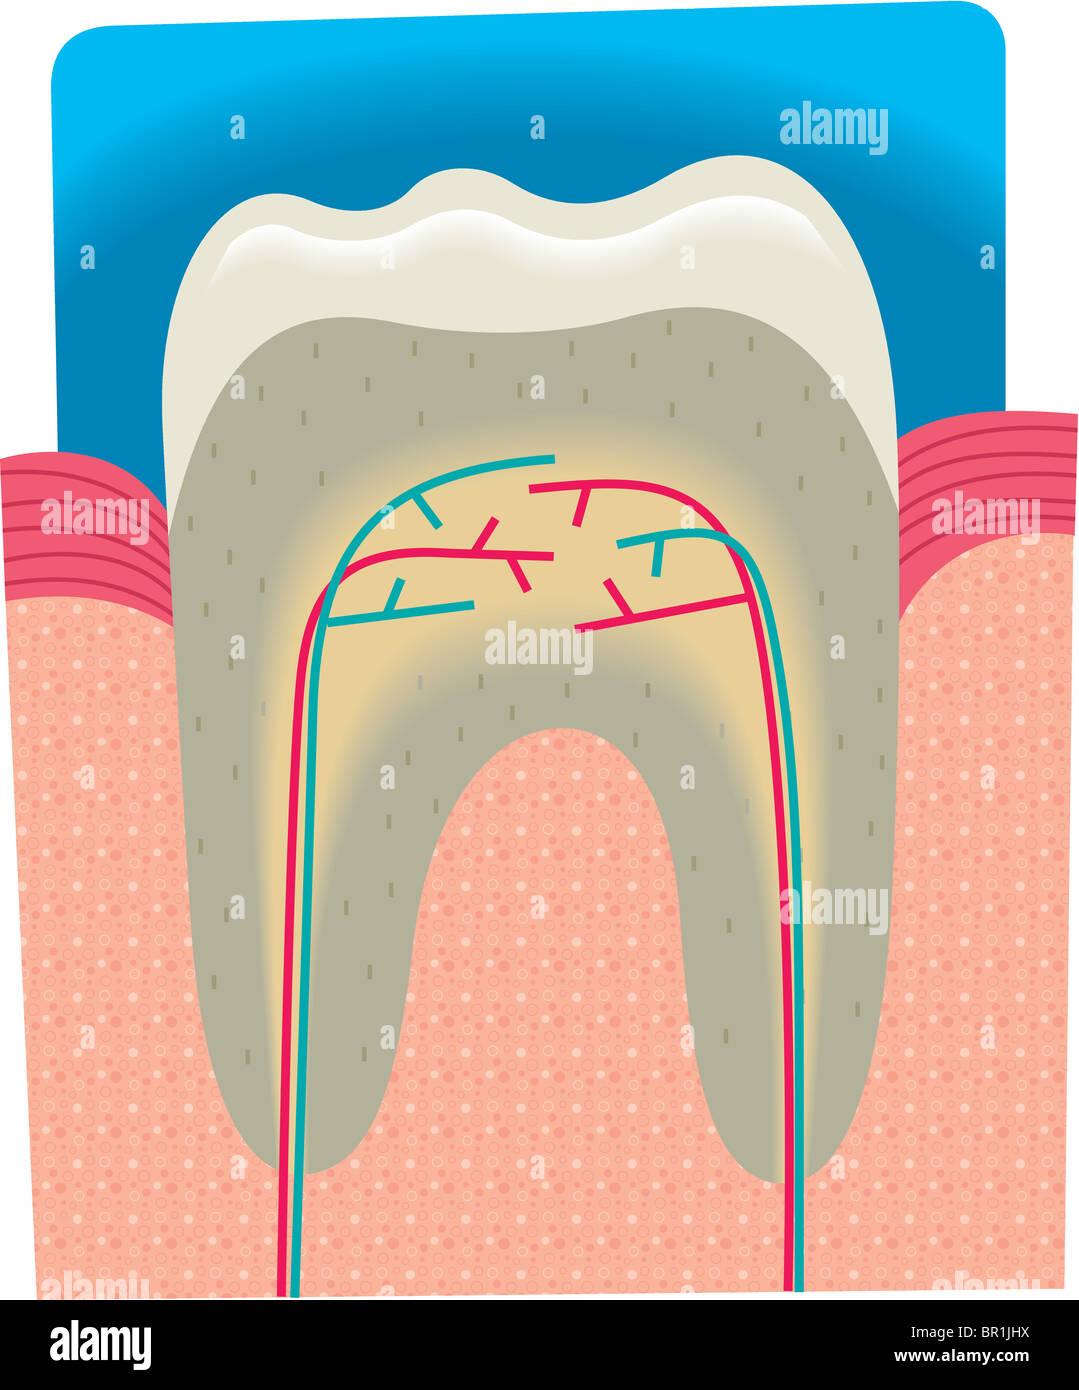 Querschnitt eines Zahnes Stockfoto, Bild: 31384022 - Alamy